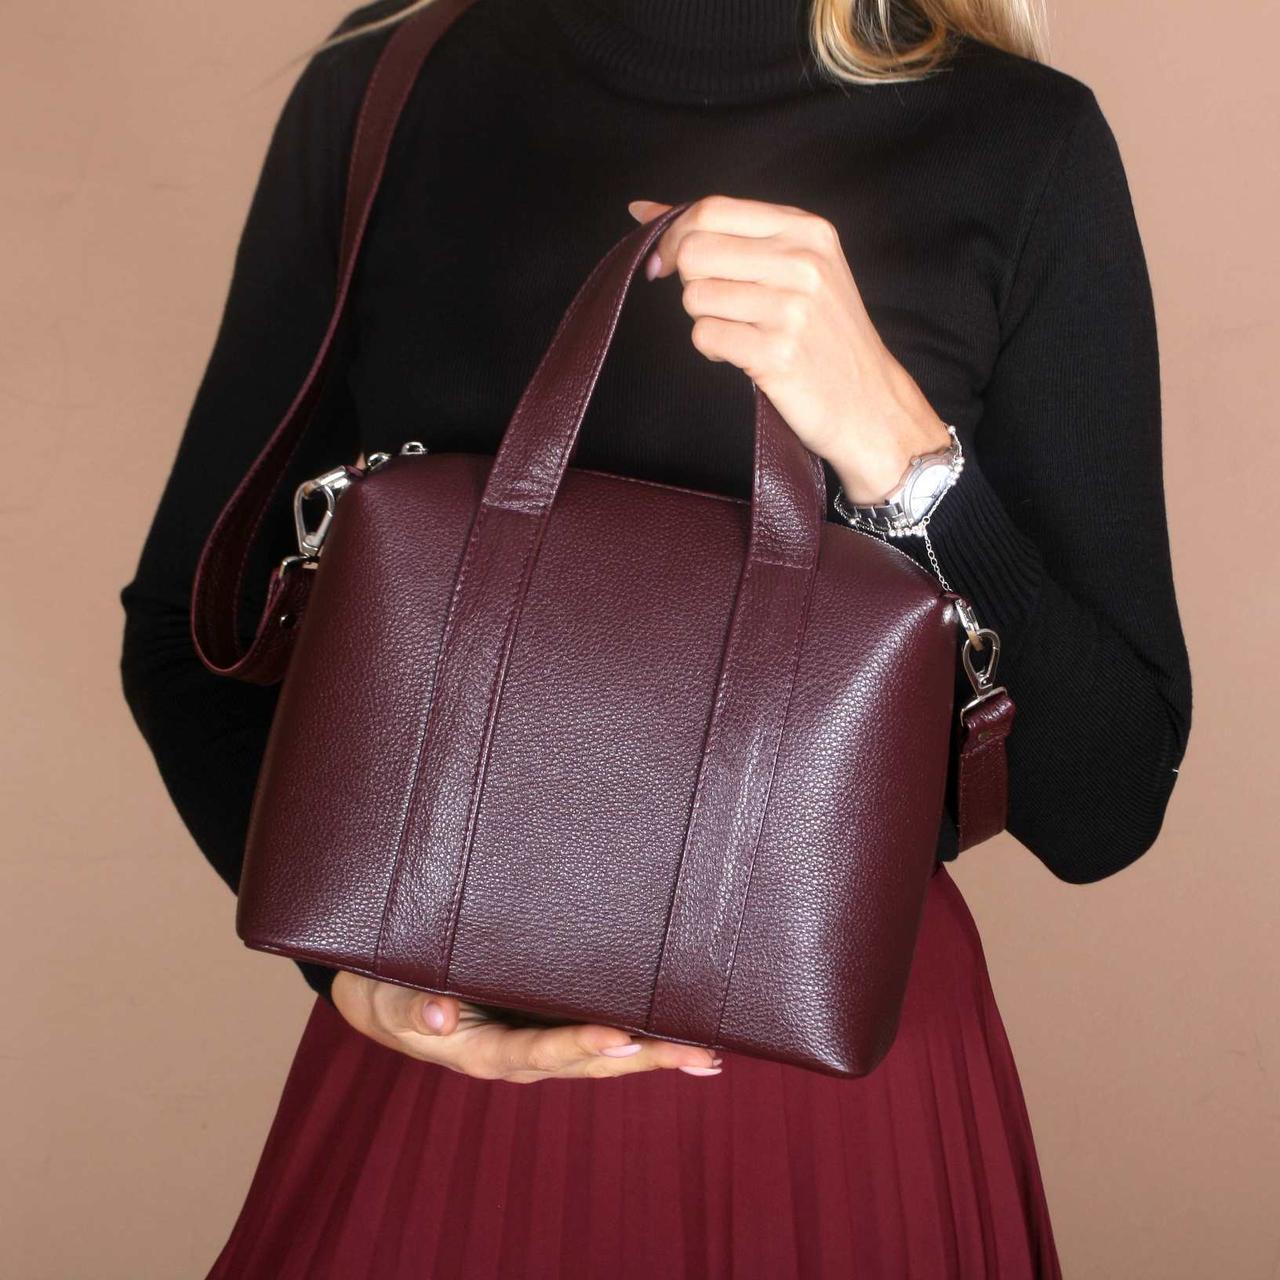 Кожаная женская сумка с двумя ручками, на молнии, цвет любой на выбор